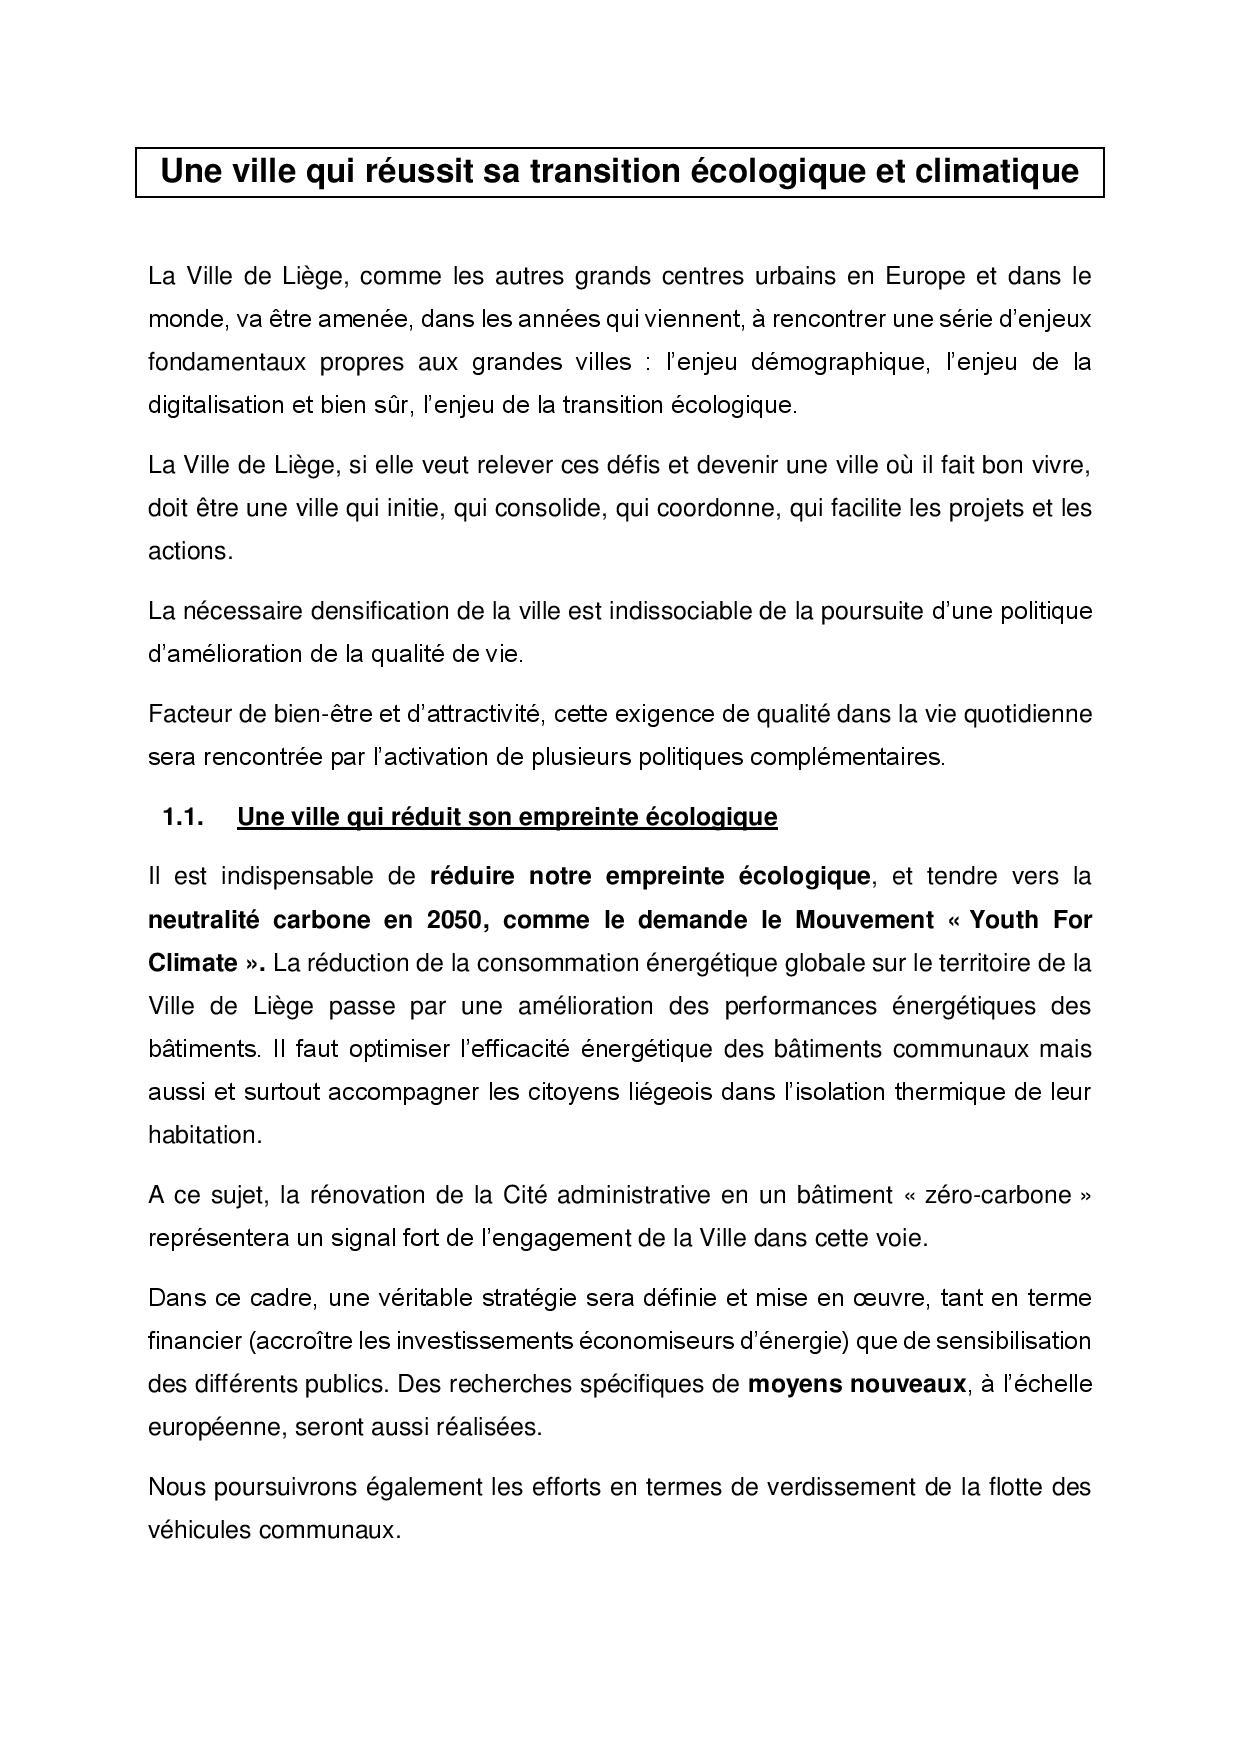 Transition écologique (page 01)